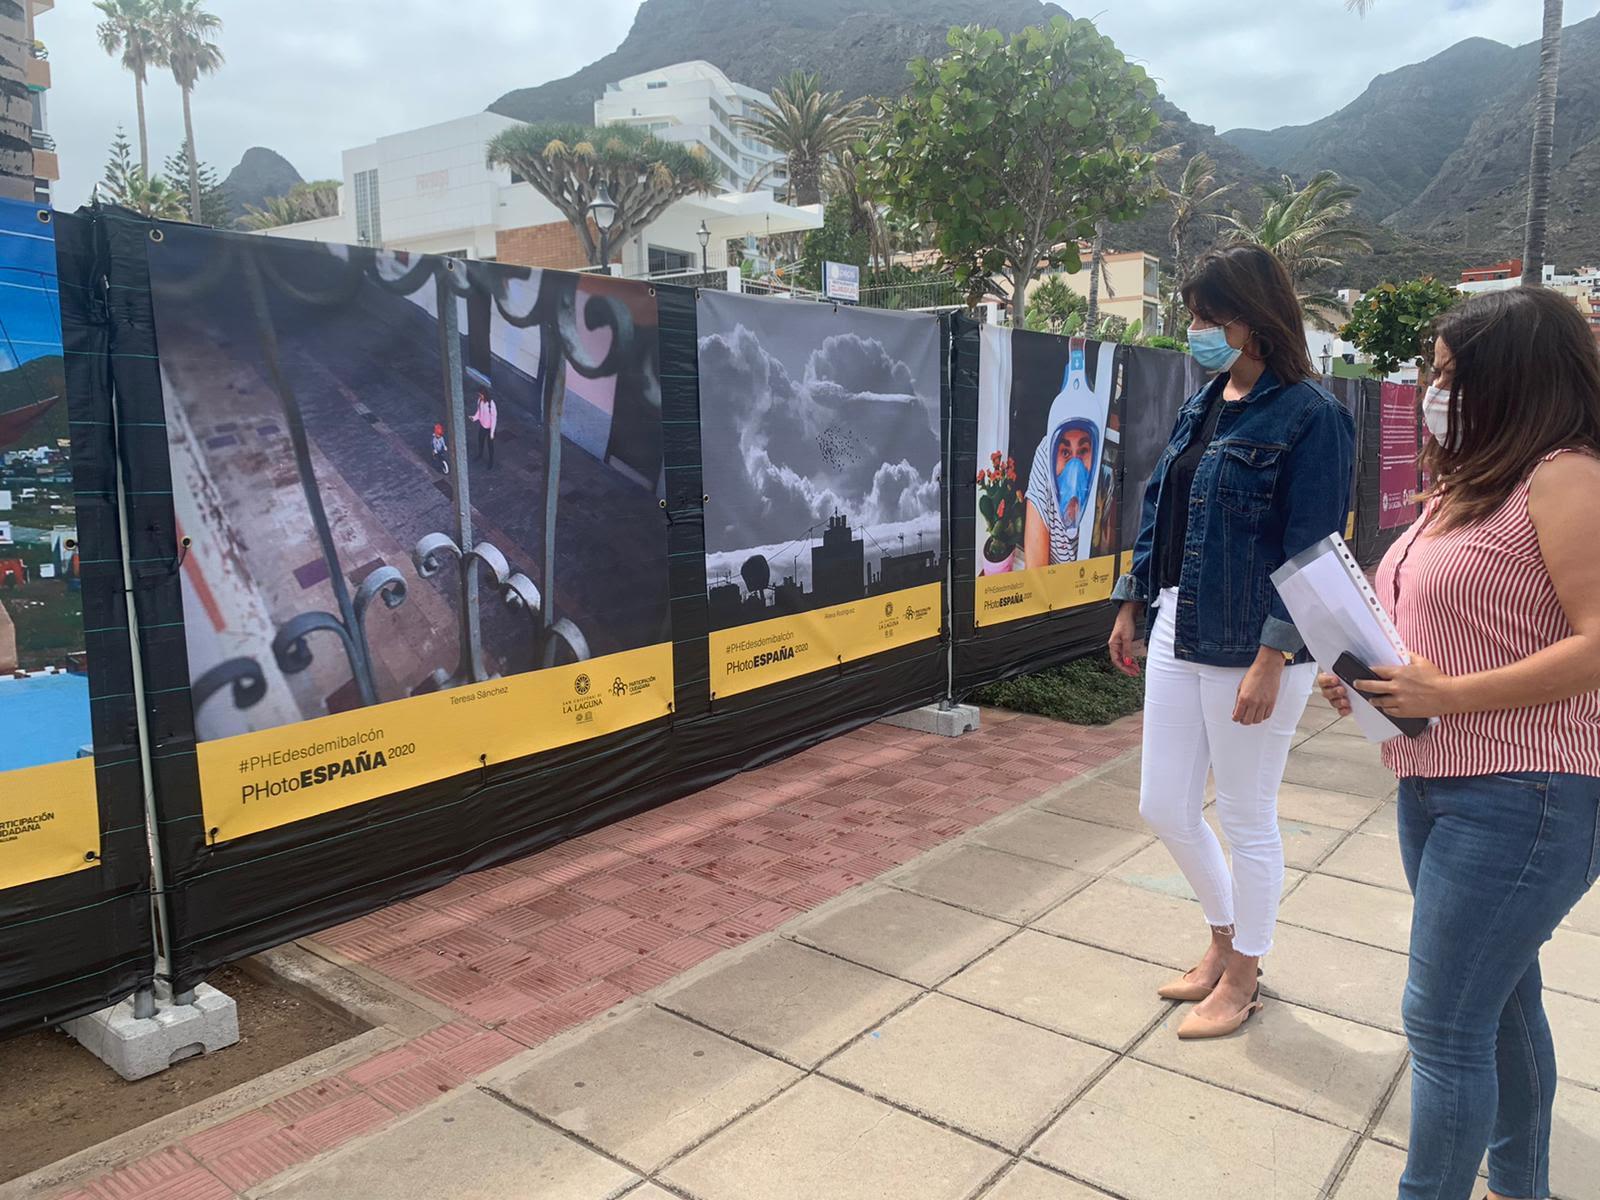 Punta del Hidalgo acoge hasta el 31 de julio la exposición #PHEdesdemibalcón